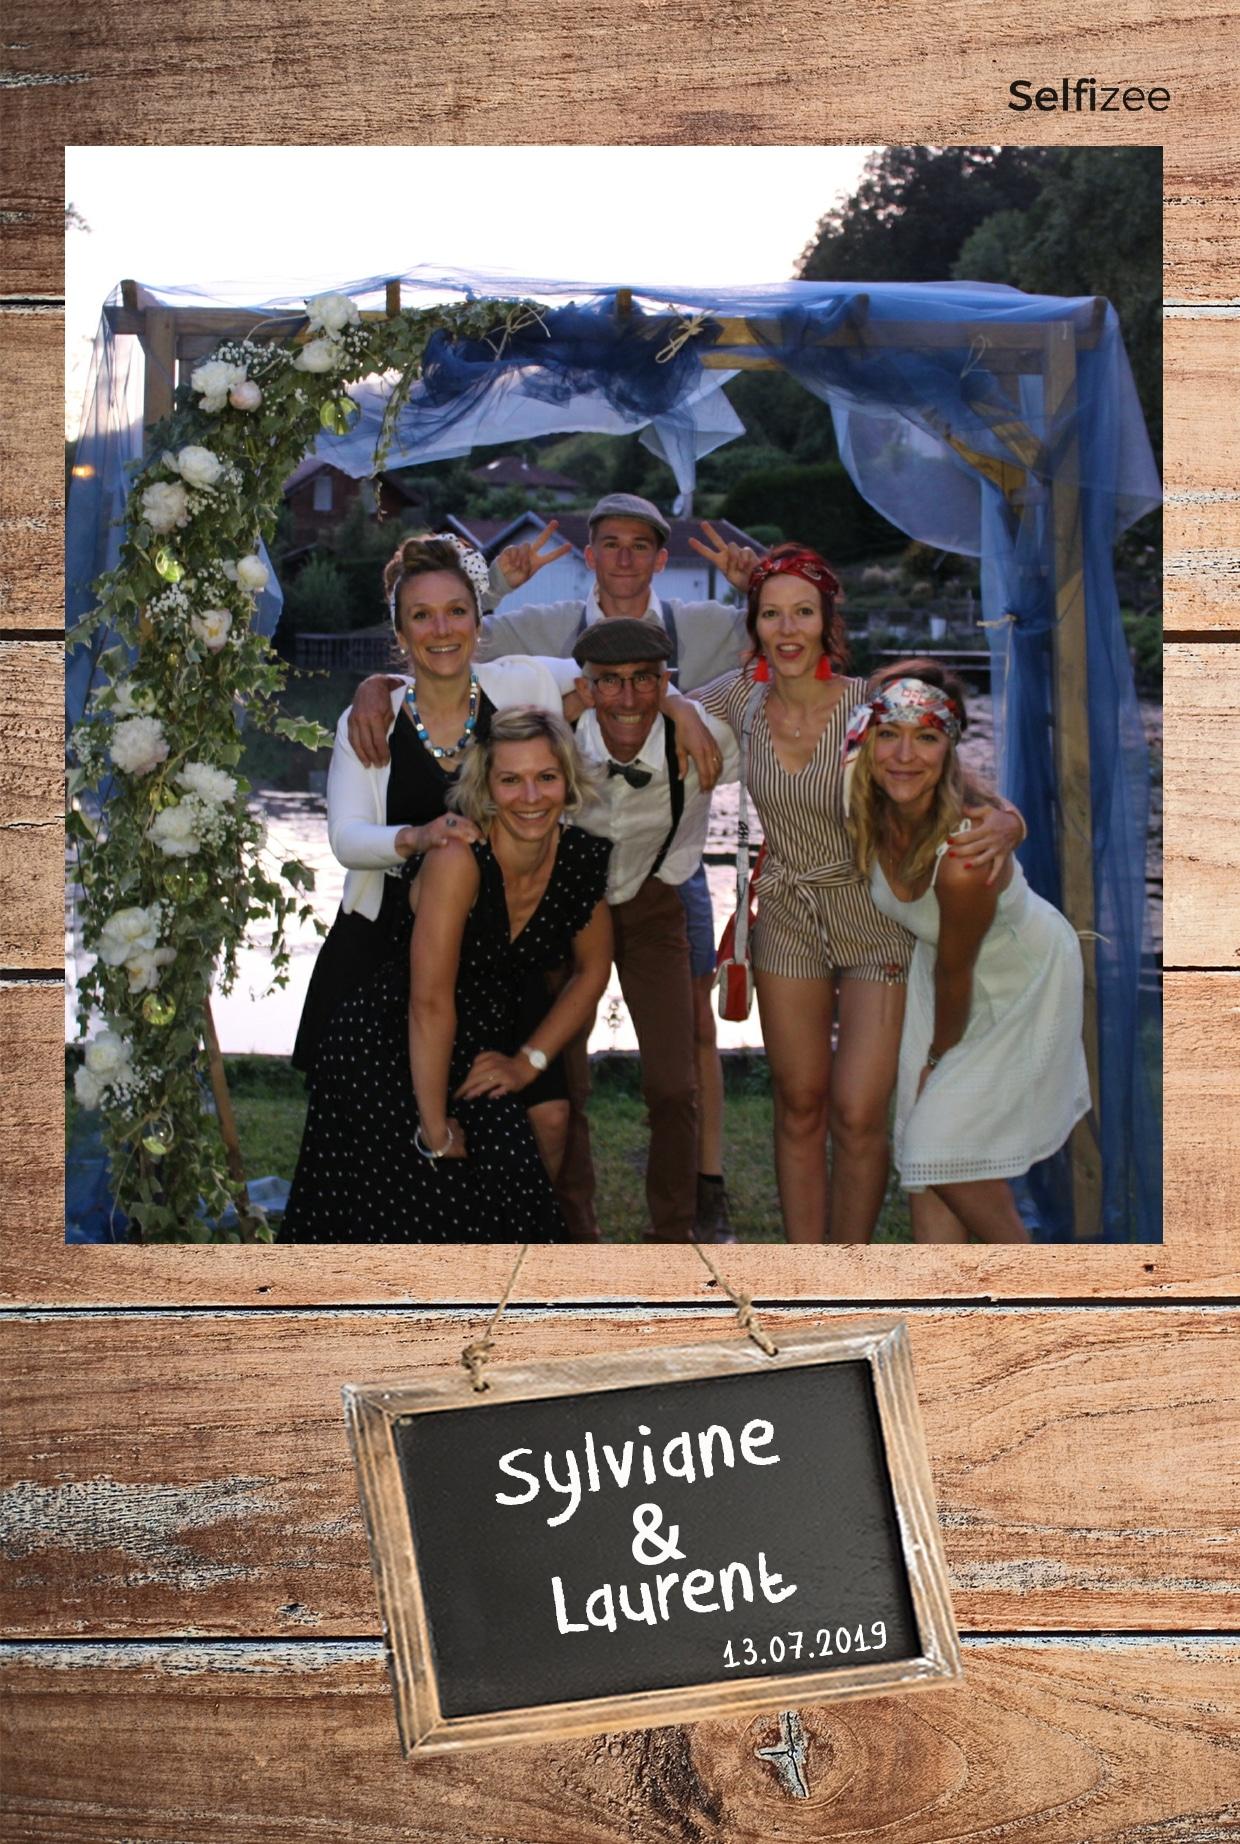 Photo mariage personnalisée avec borne selfie à louer à Valence / Drôme pour animation mariage, anniversaire, soirée, baptême, fête